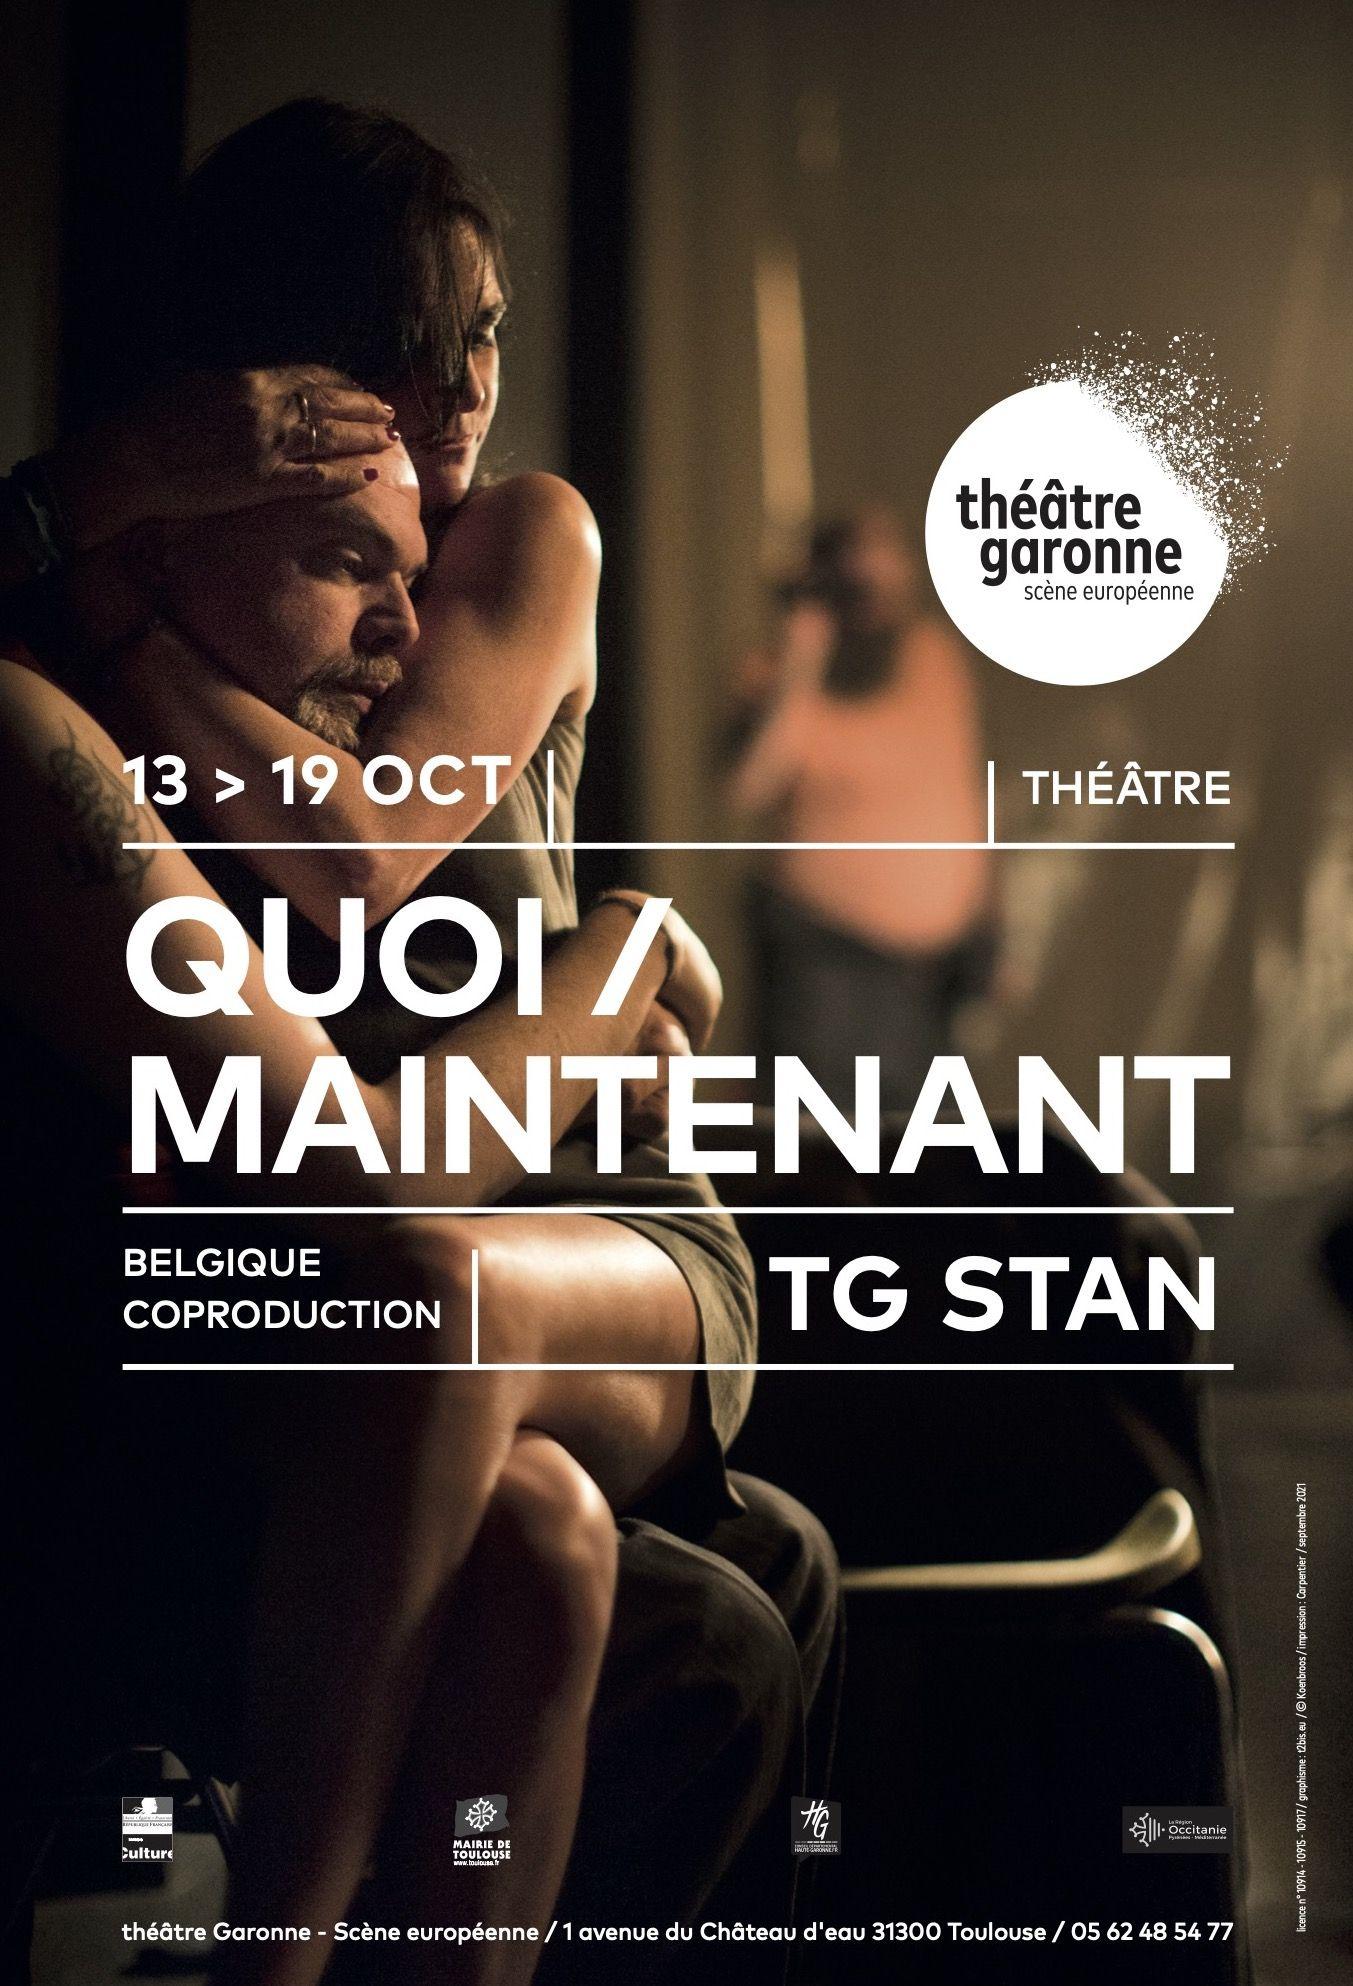 Théâtre Garonne - Quoi maintenant